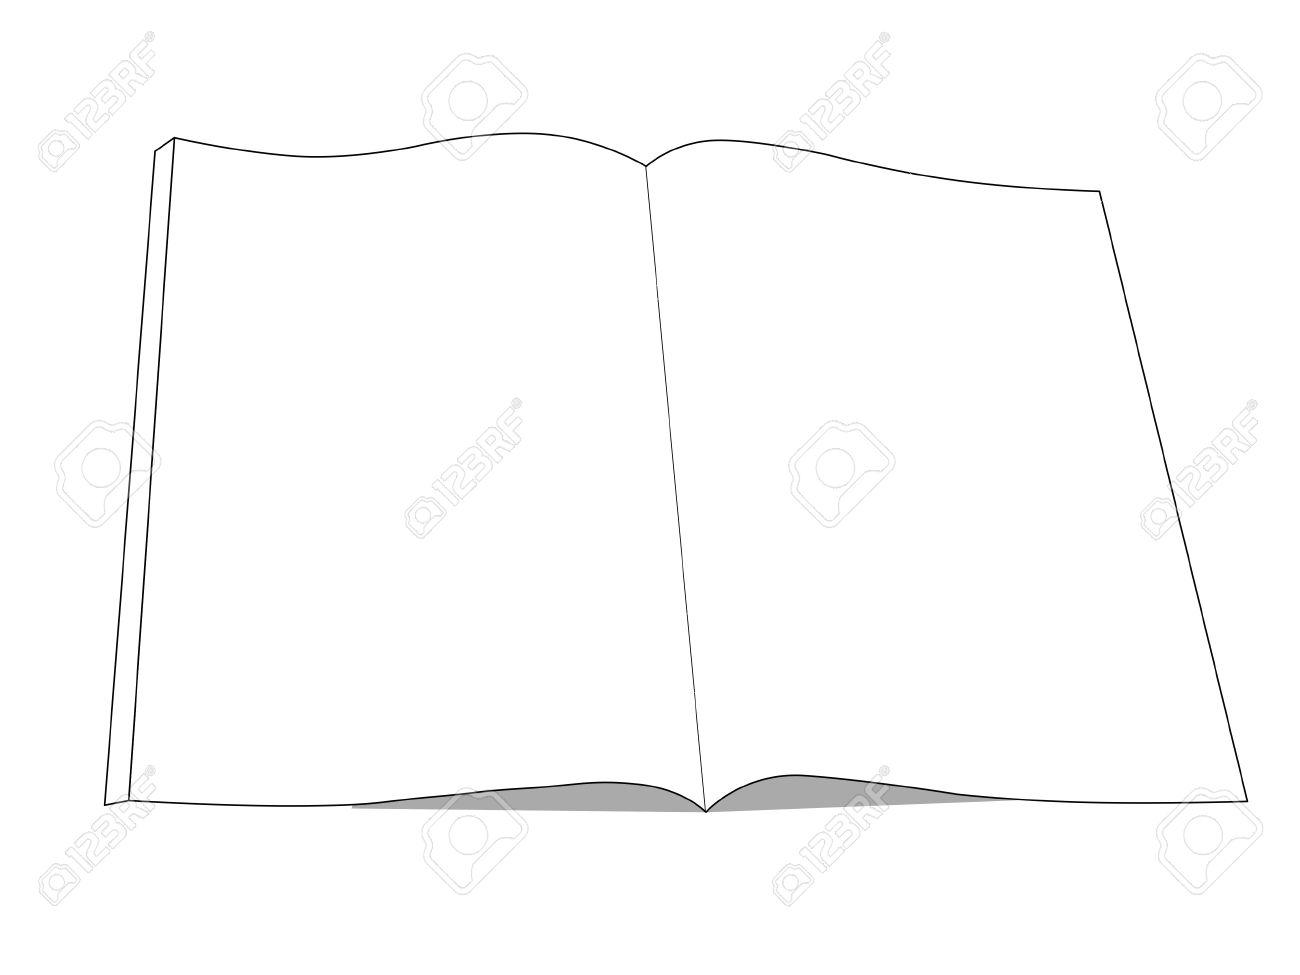 Dessin De Livre Icone Livre Ouvert Avec Isole Sur Blanc